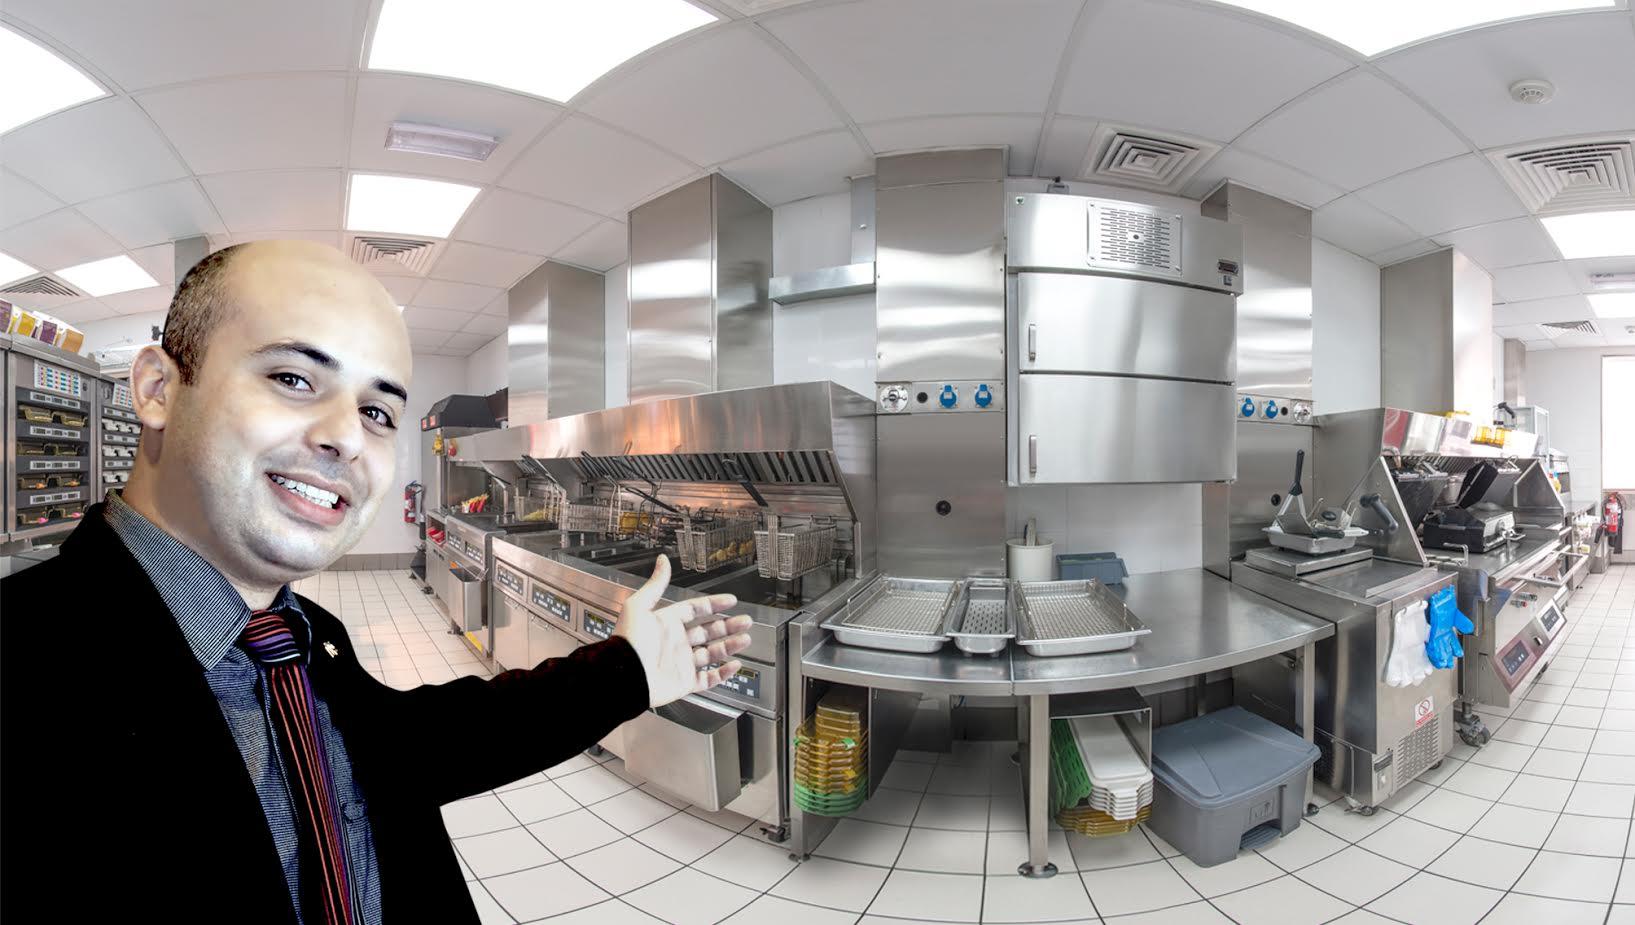 ماكدونالدز الإمارات تتيح لعملائها زيارة مطابخها من الداخل